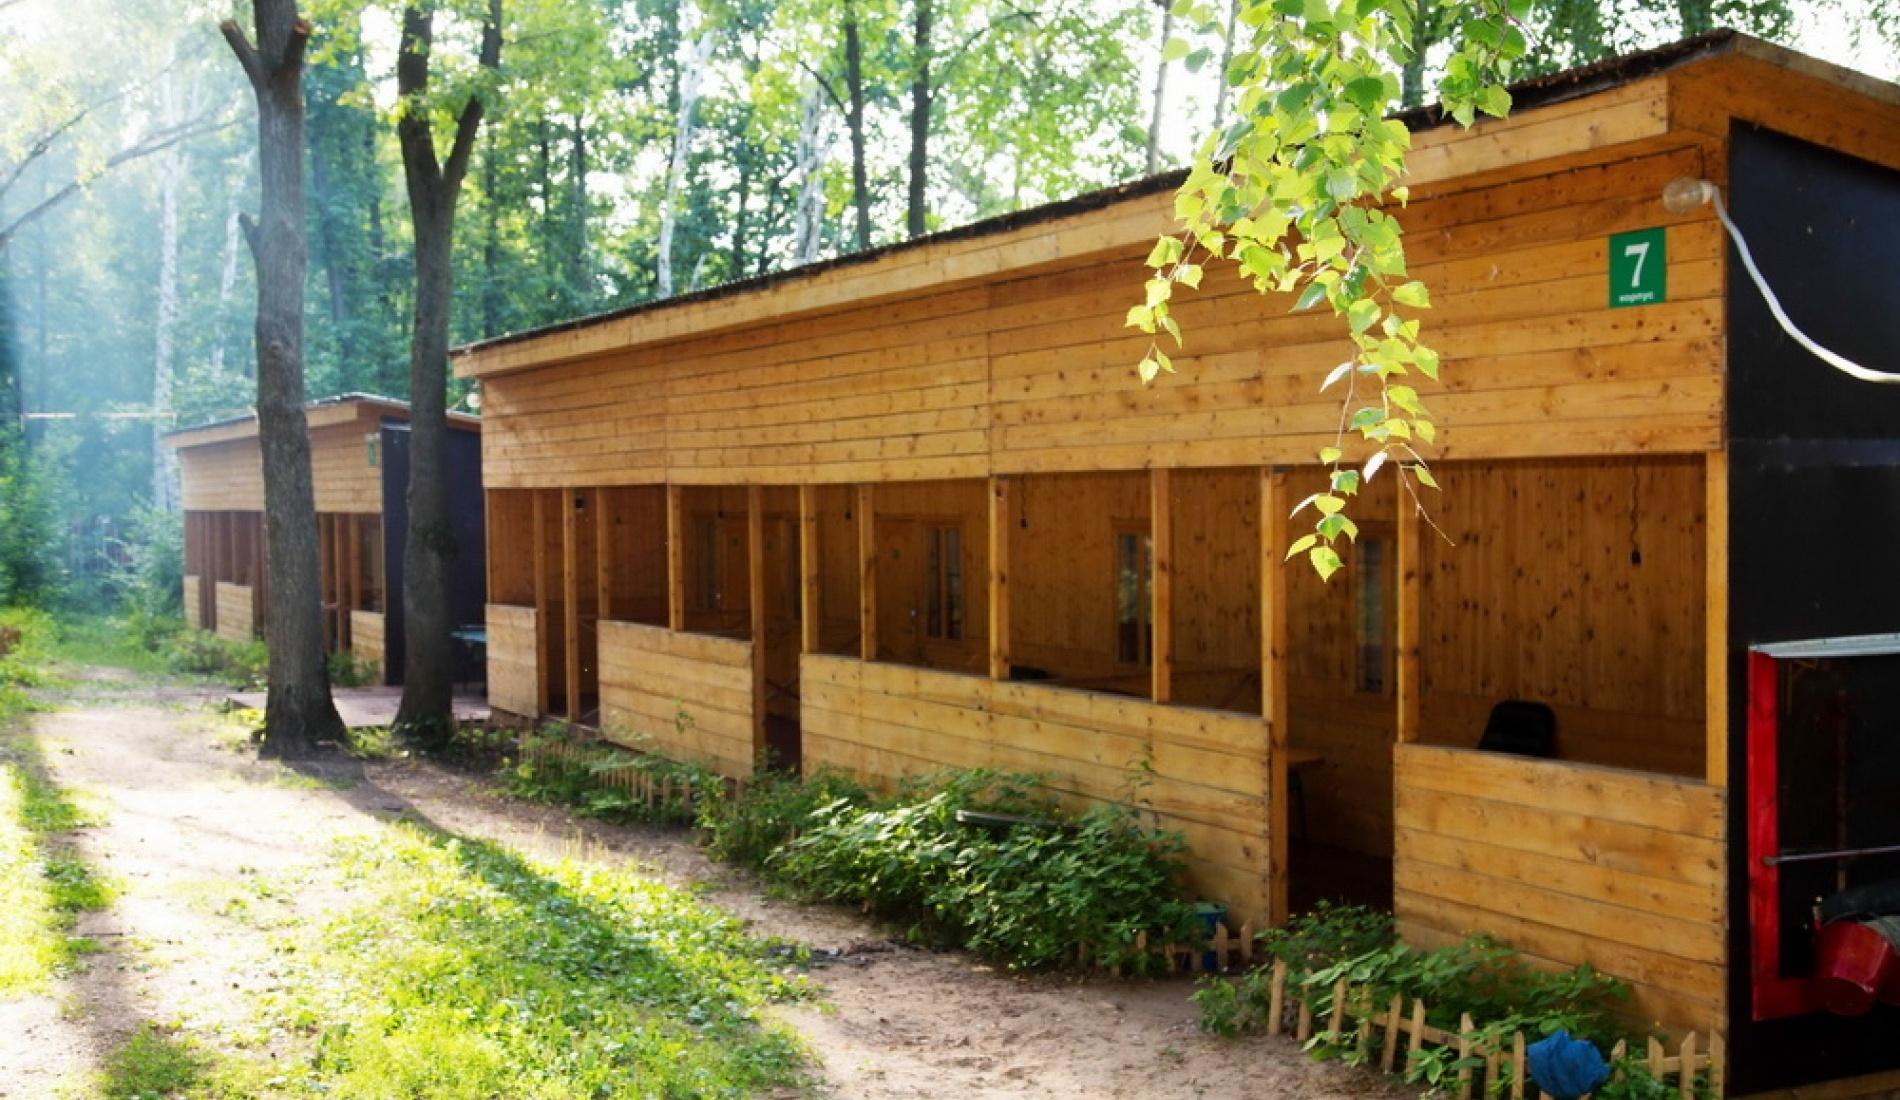 База отдыха «Домик в лесу» Республика Татарстан 2-местная комната в летнем корпусе, фото 1